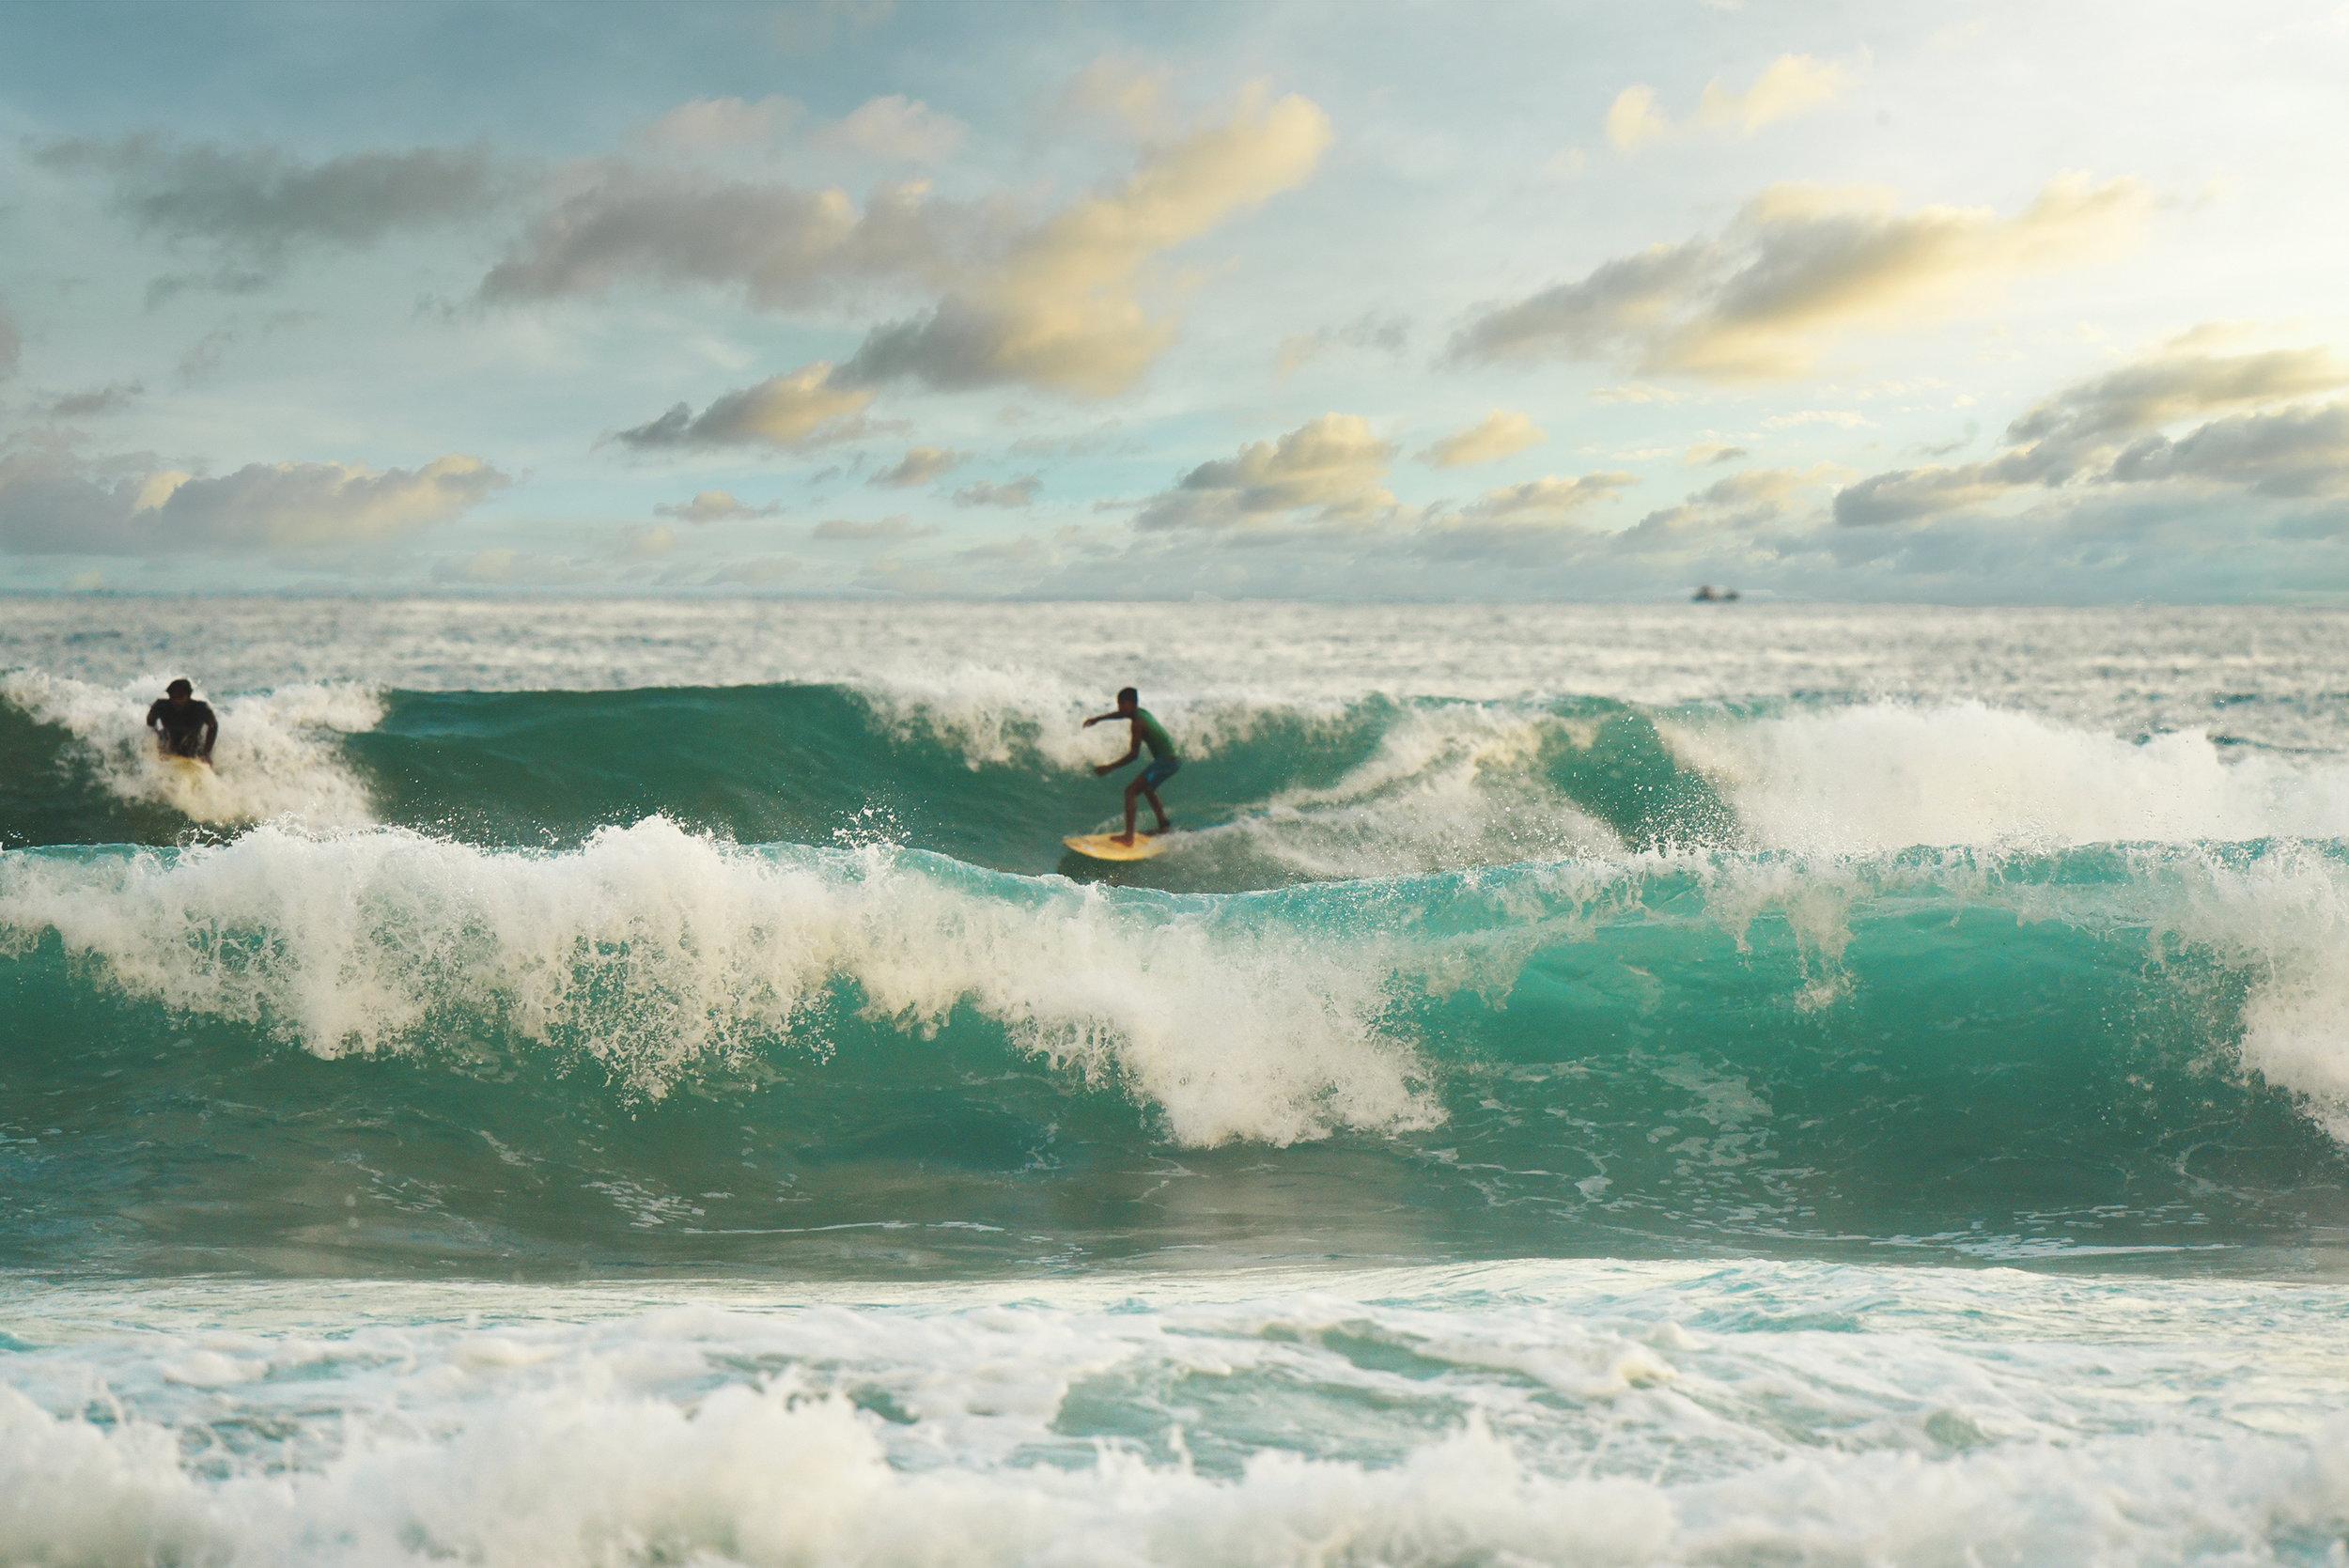 Midigama surfer